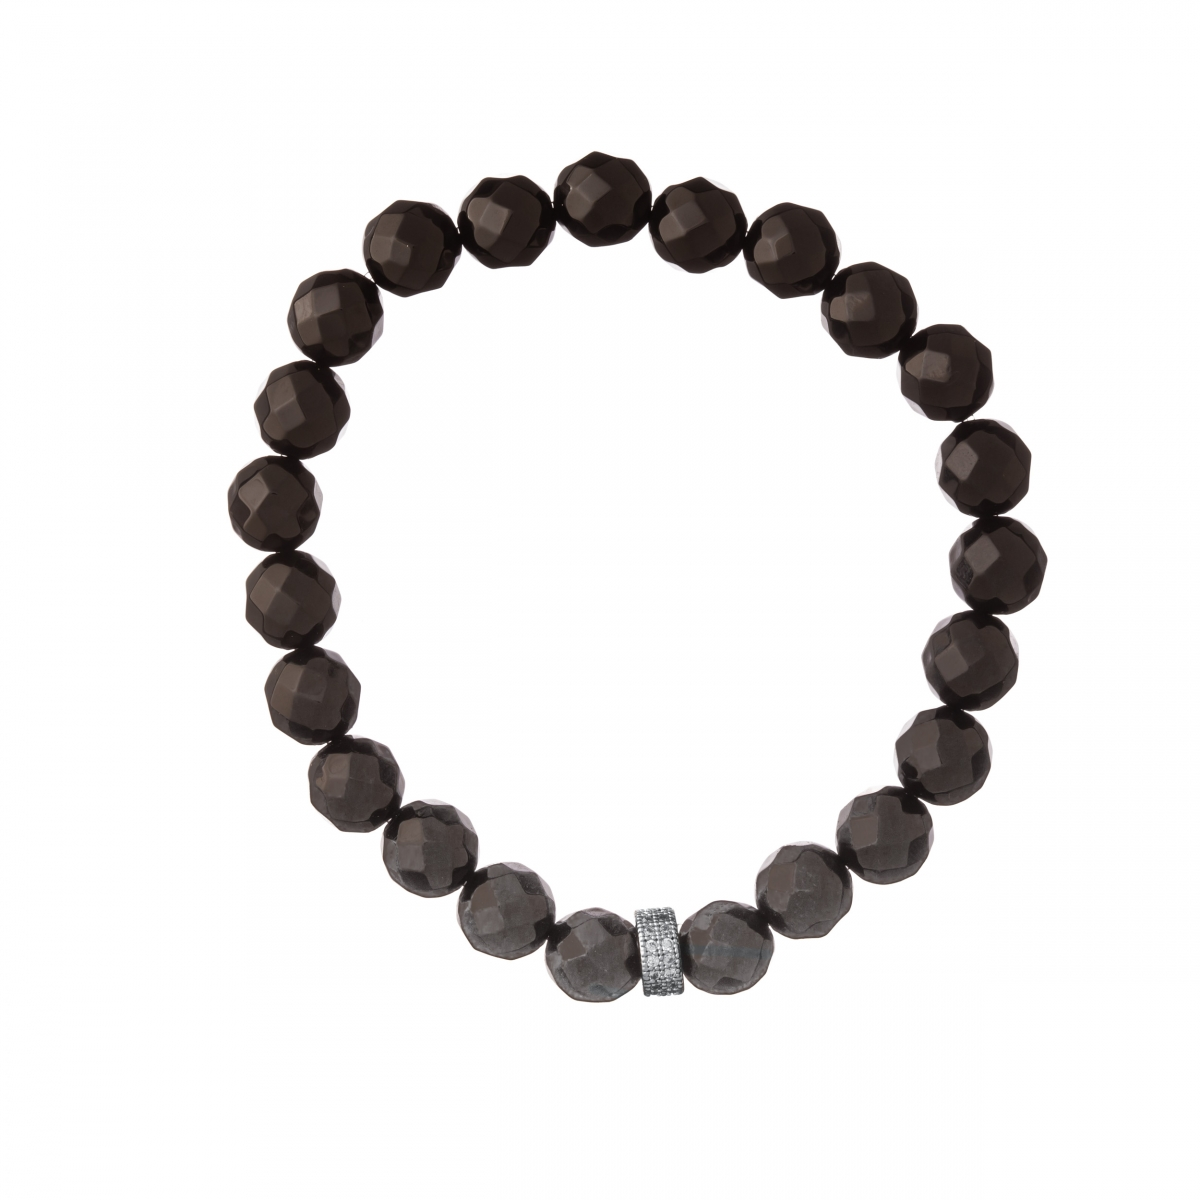 Náramok Mineral Facet Black Onyx Zircon Crystals Silver